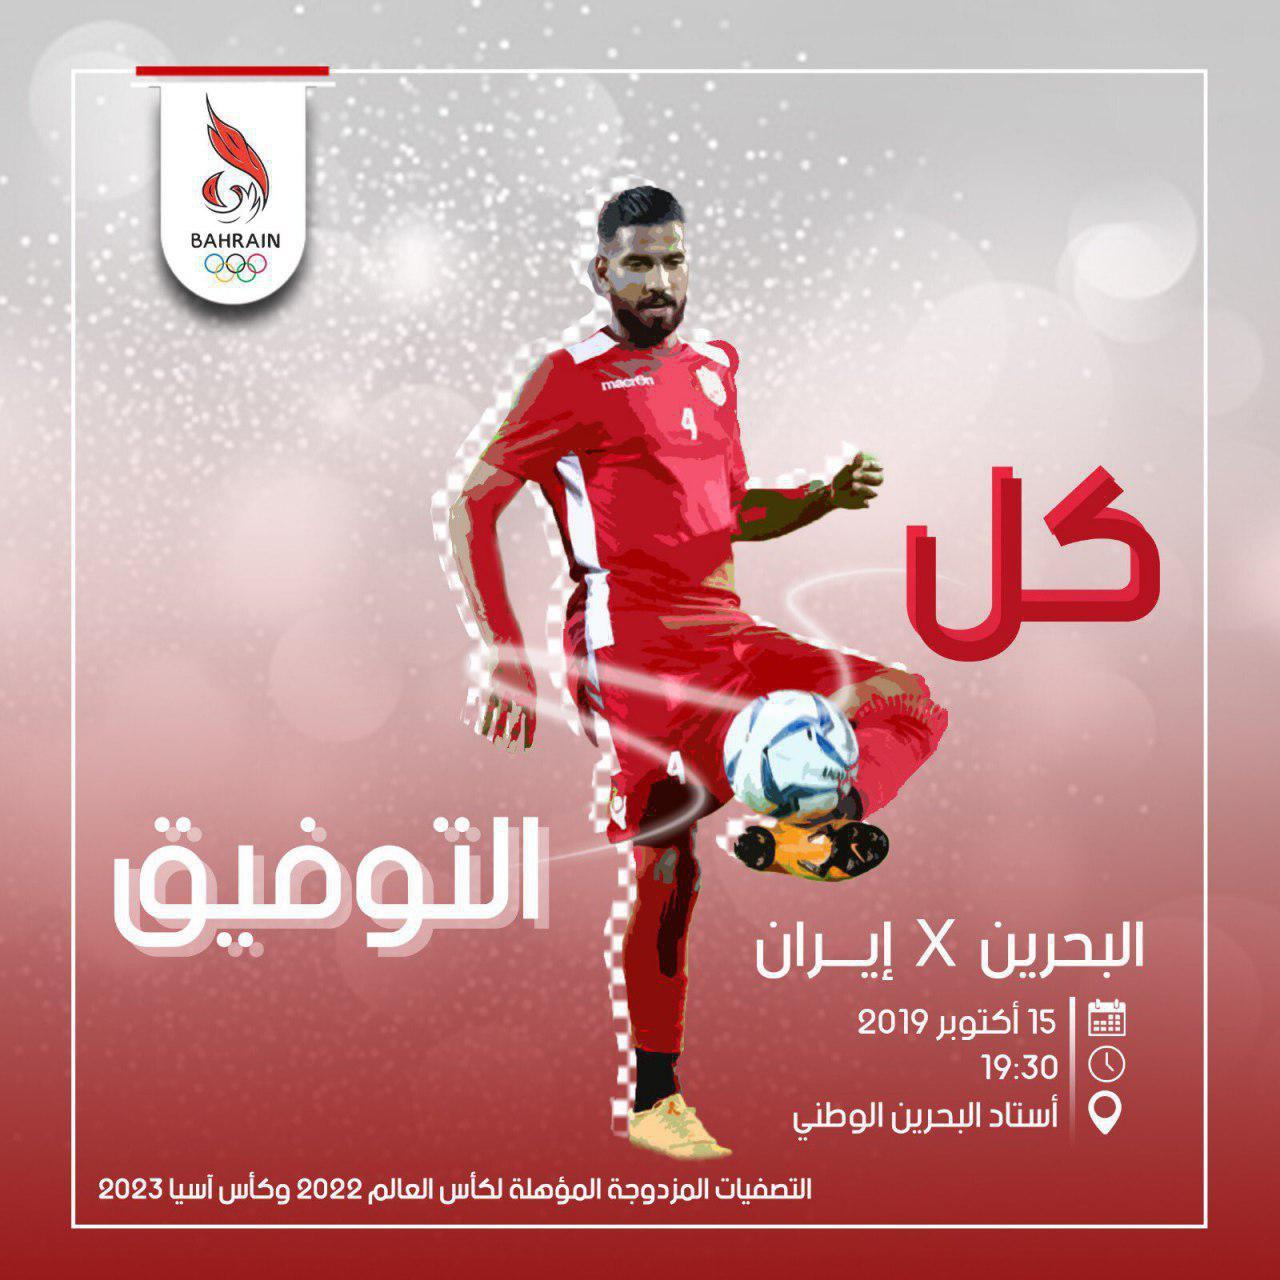 پوستر بحرینیها برای دیدار مقابل تیم ملی فوتبال ایران